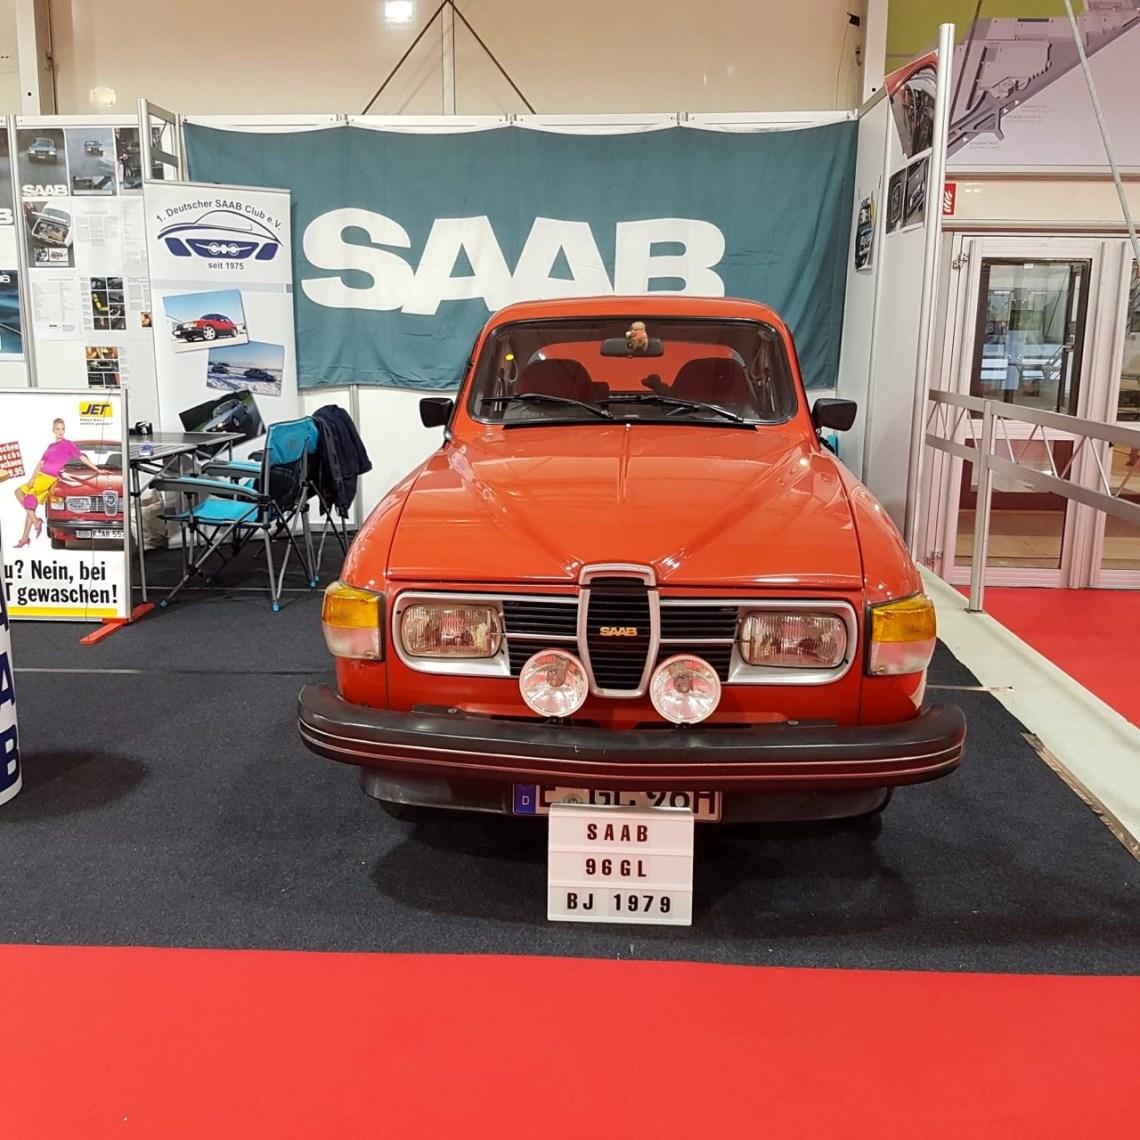 Saab 96 GL. Proprietari 2 negli anni 40